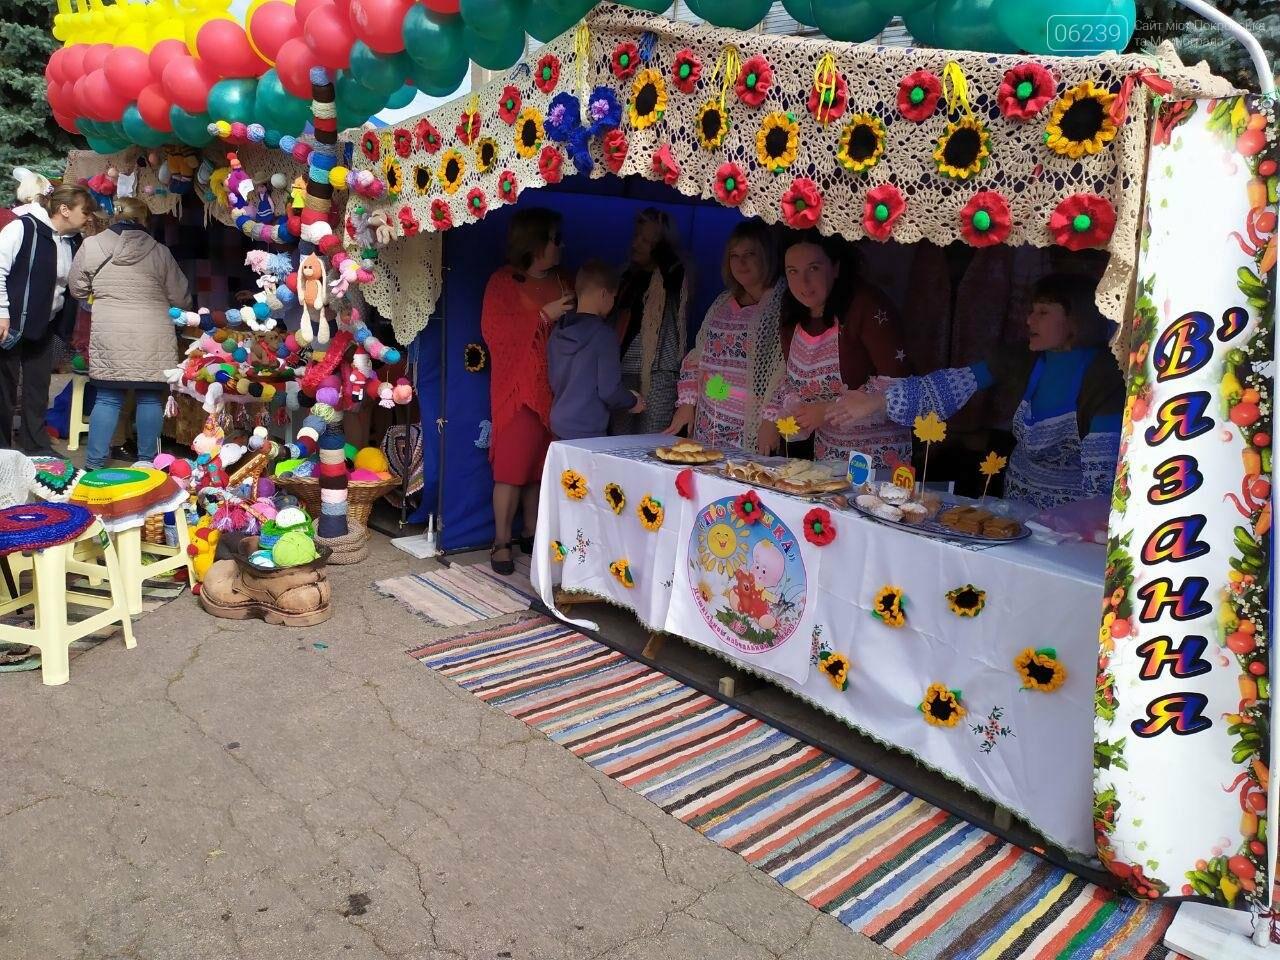 На выходных в Мирнограде состоялся яркий и масштабный праздник «Мирноградская осень» - фотоотчет , фото-2